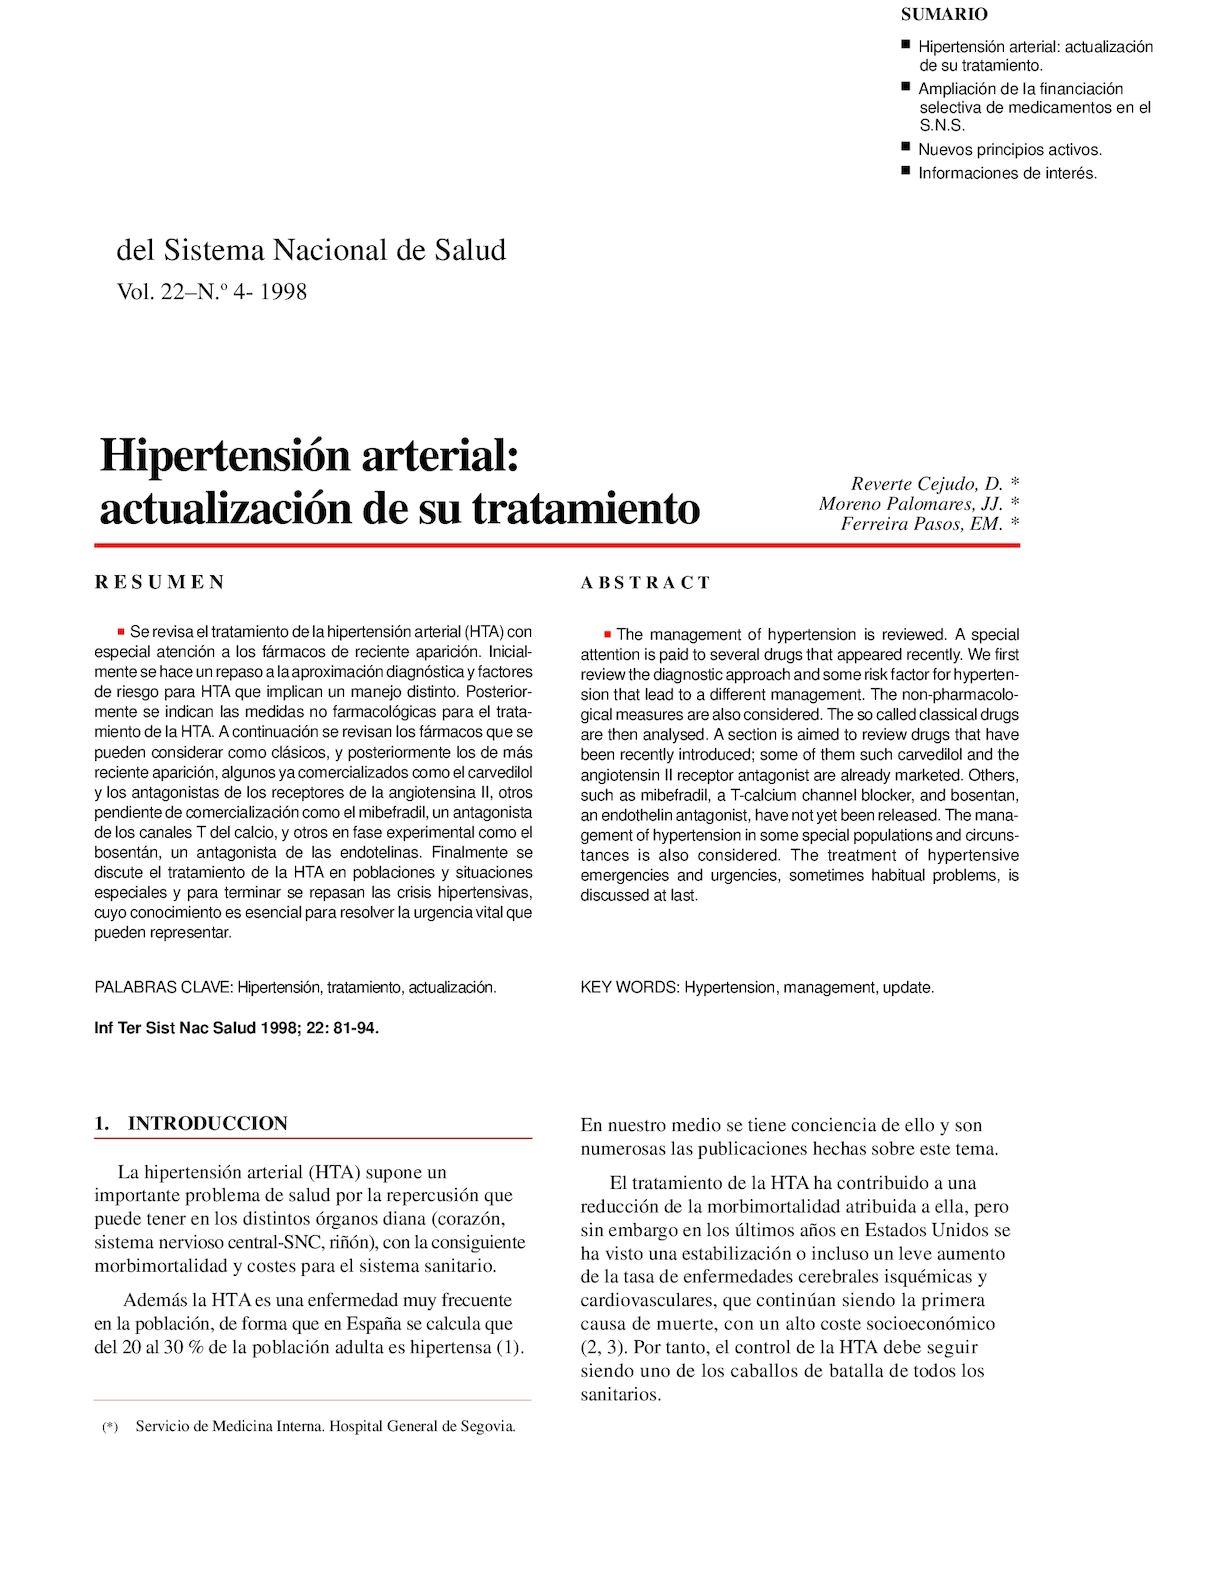 Medicamento para la hipertensión endotelina 1